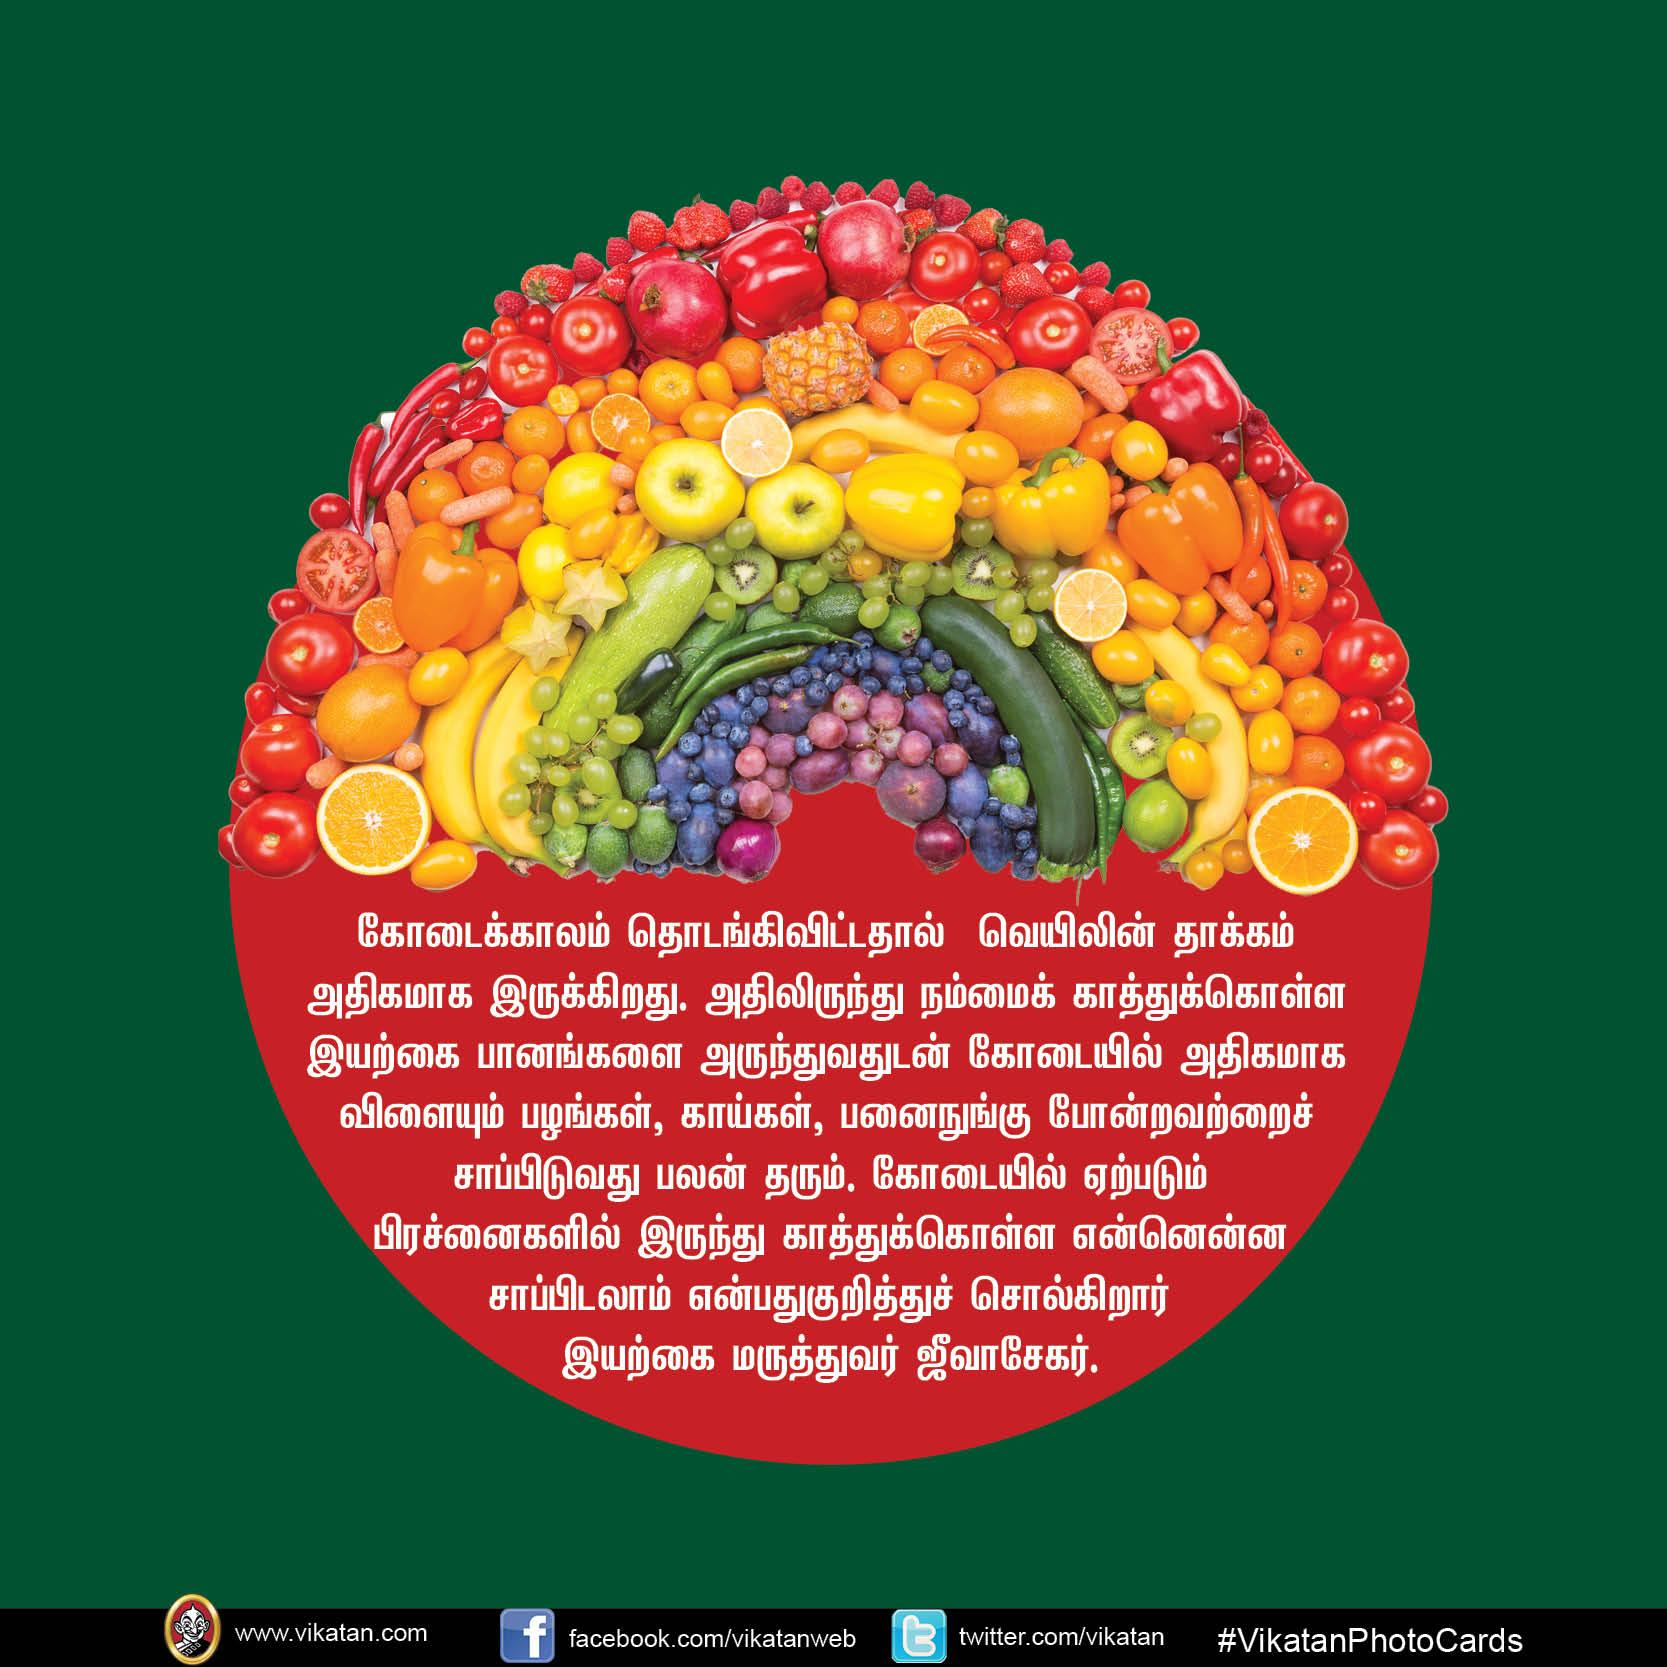 கோடையில் விளையும் பழங்கள், காய்கறிகளின் மருத்துவ குணங்கள்... #Vikatanphotostory